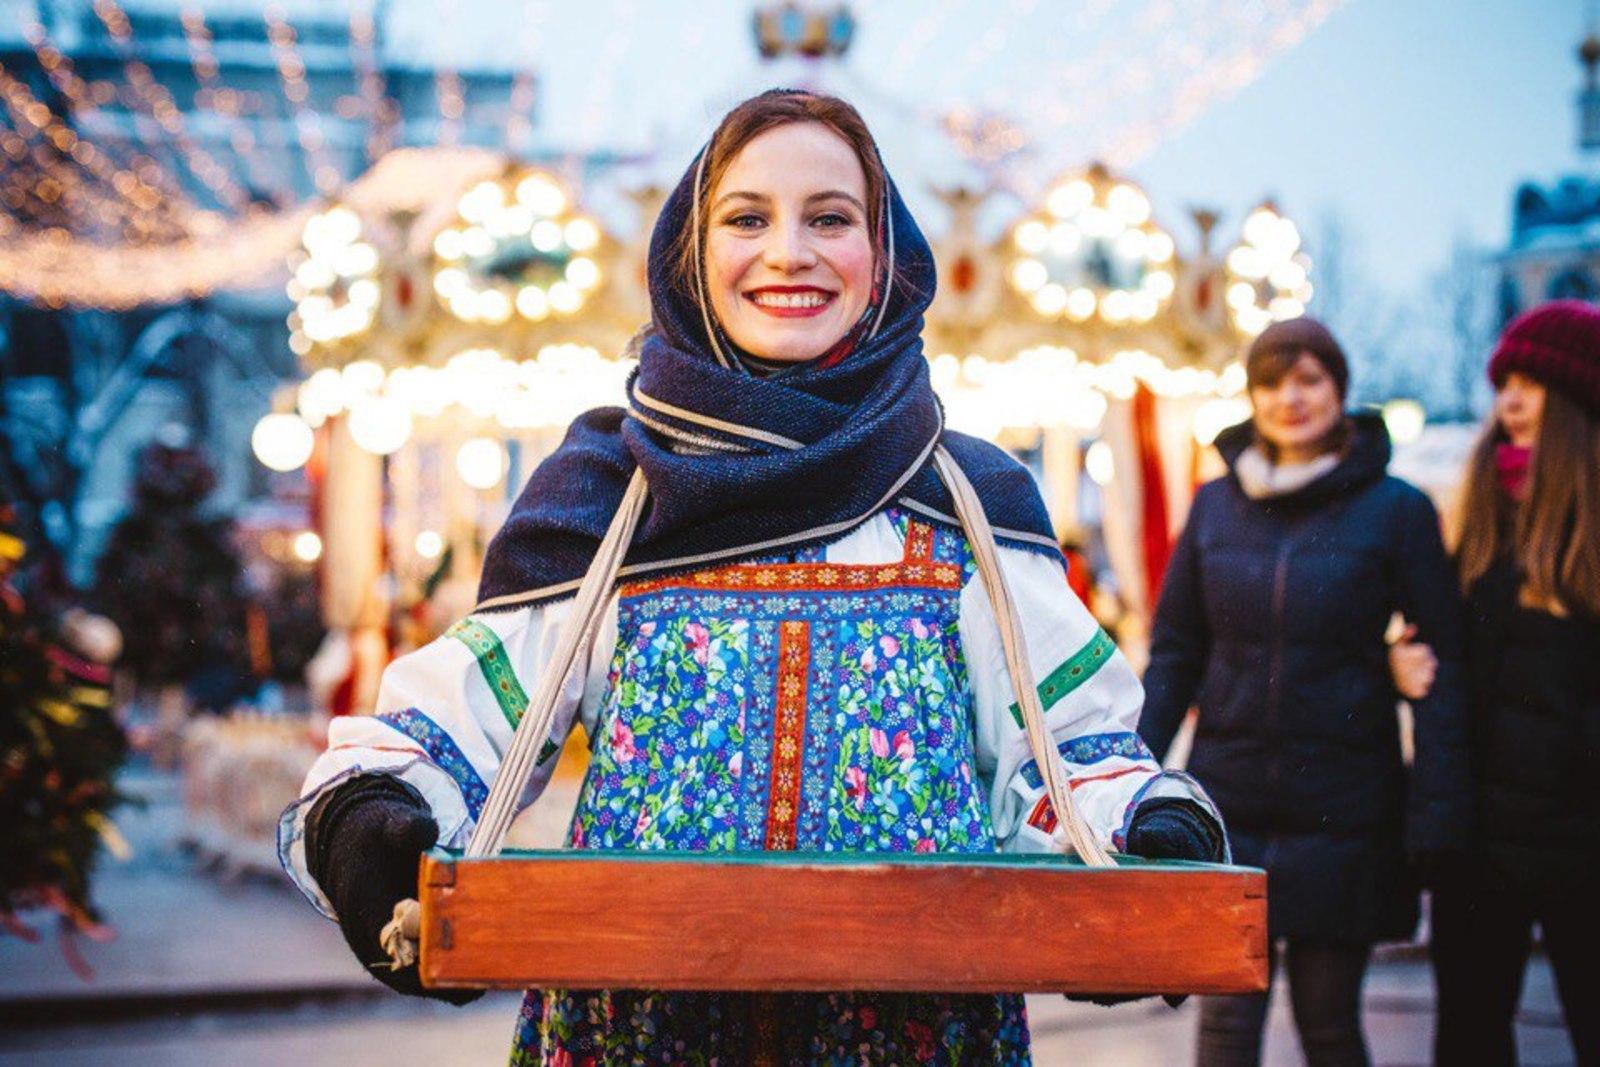 На Тверской площади гостям предложат испечь блины по мотивам русских сказок